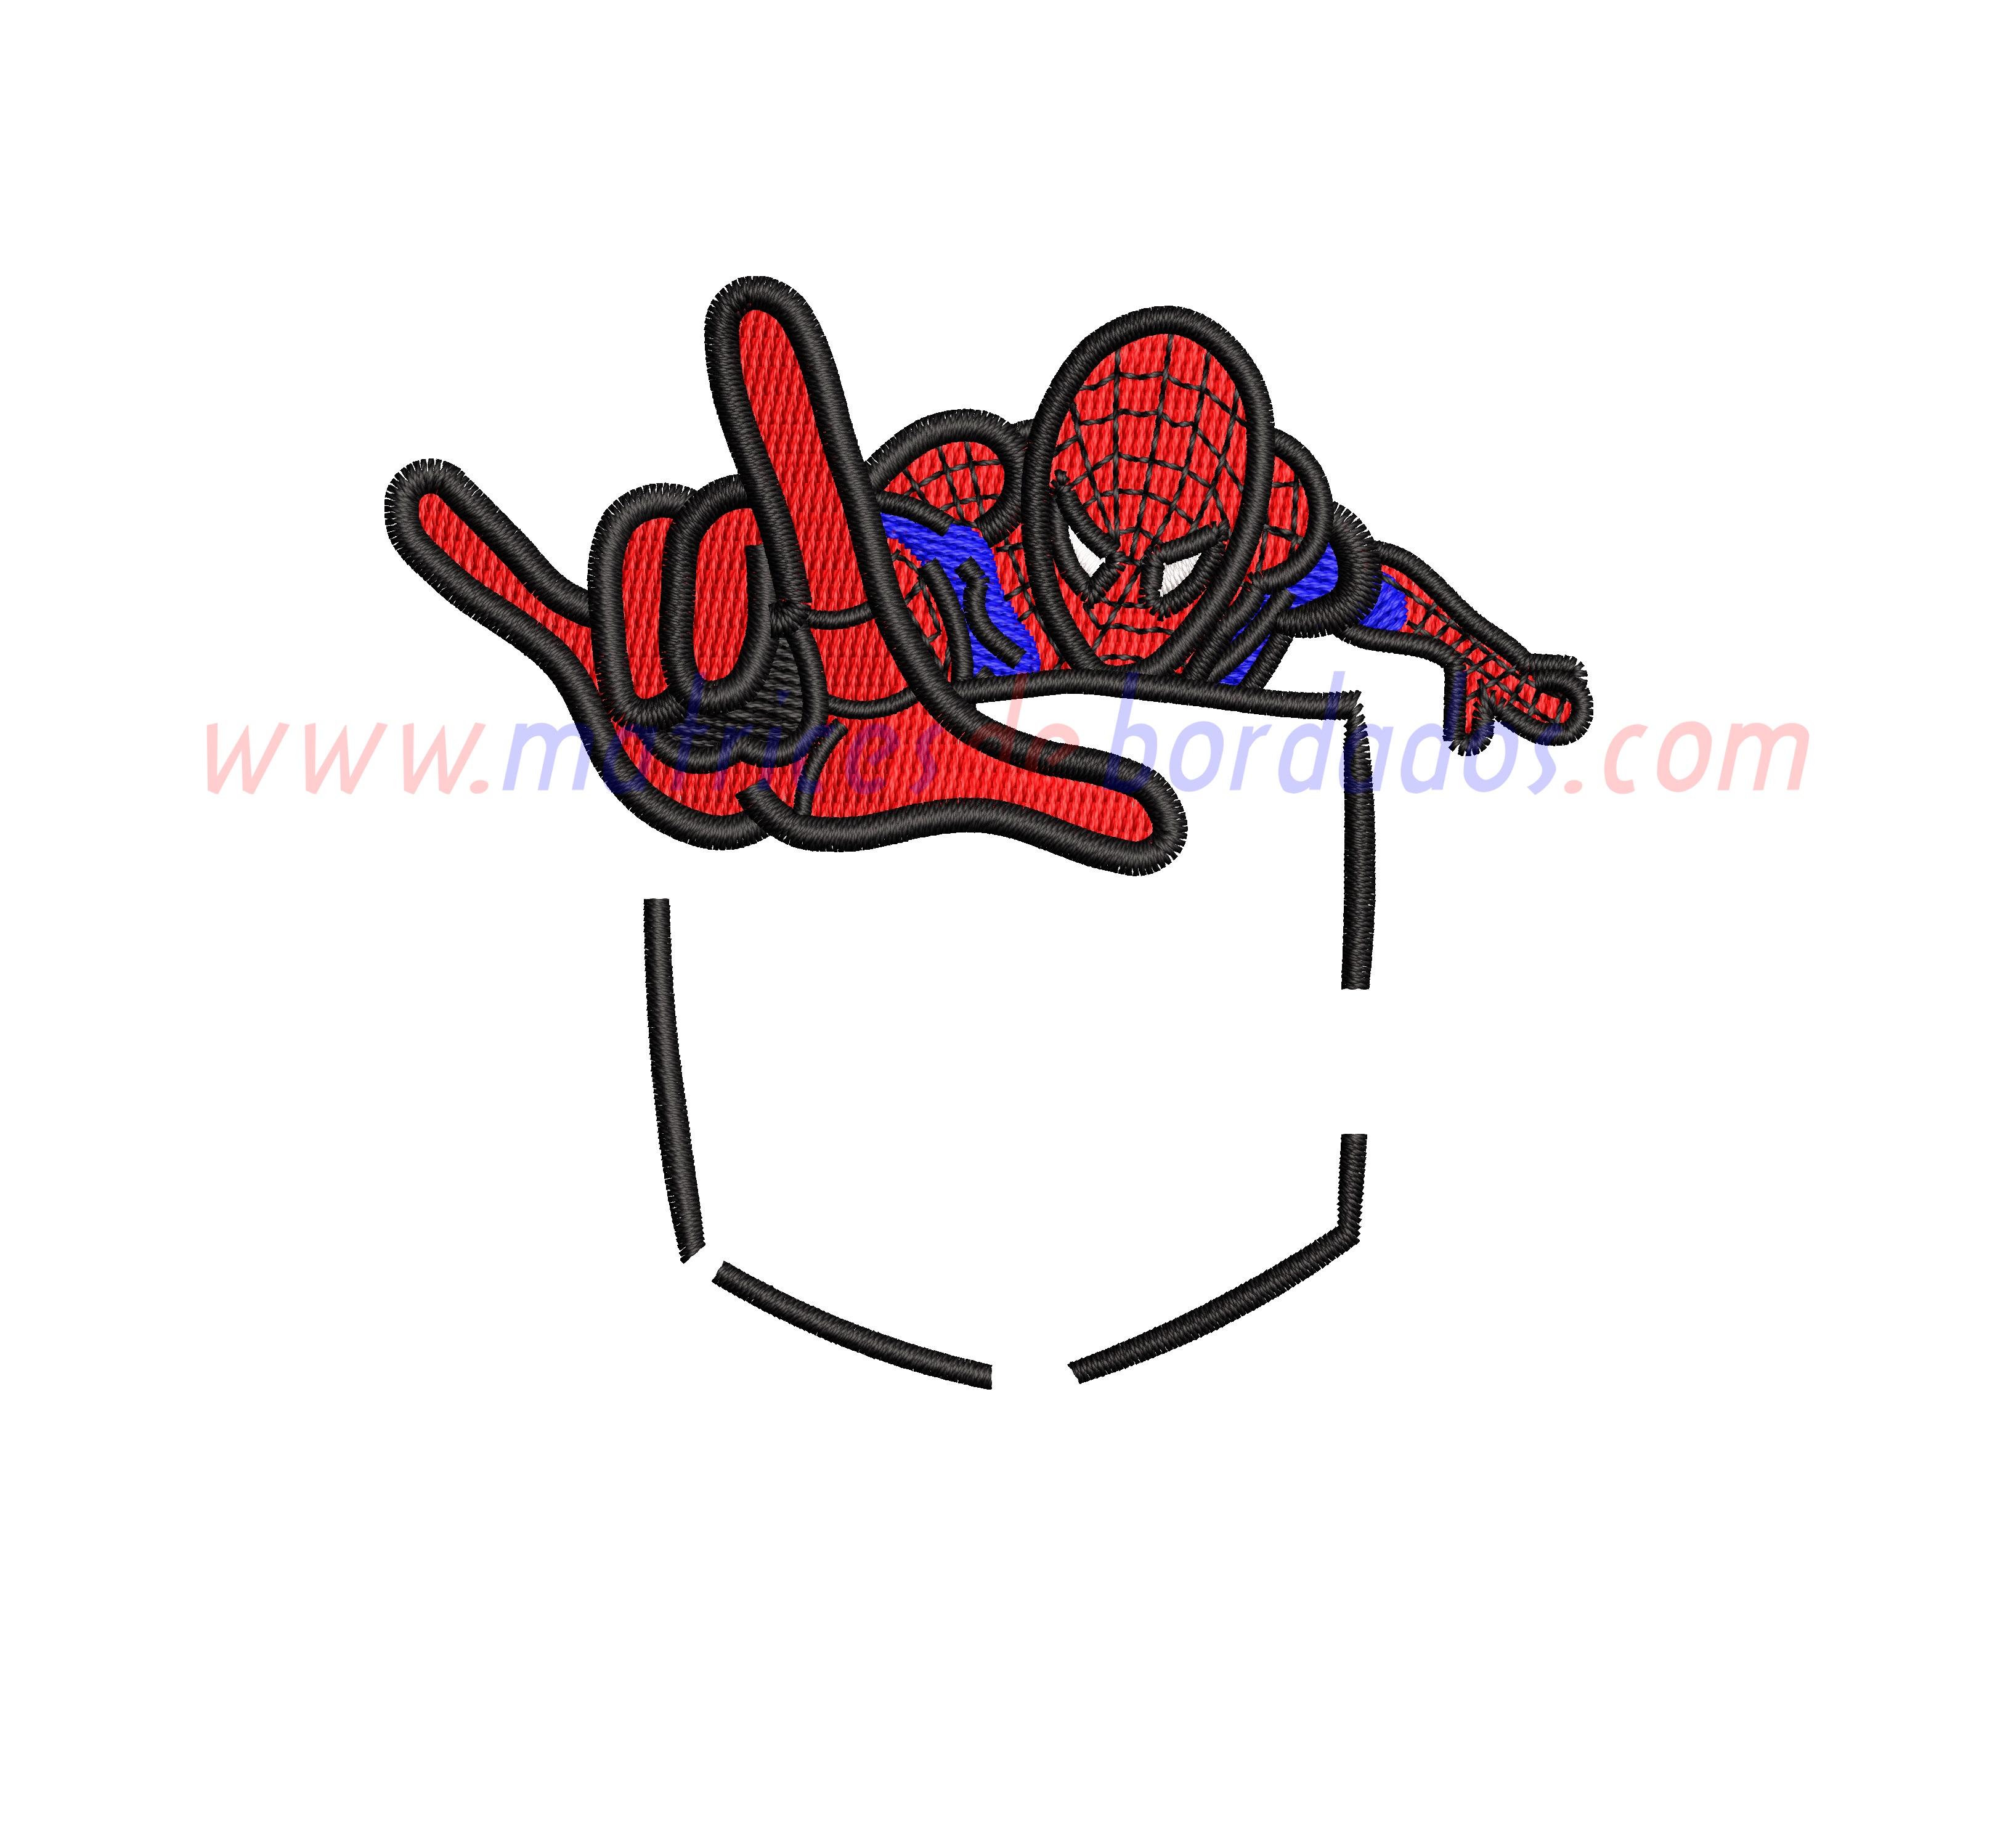 FR47AS - Bolsillo Spiderman